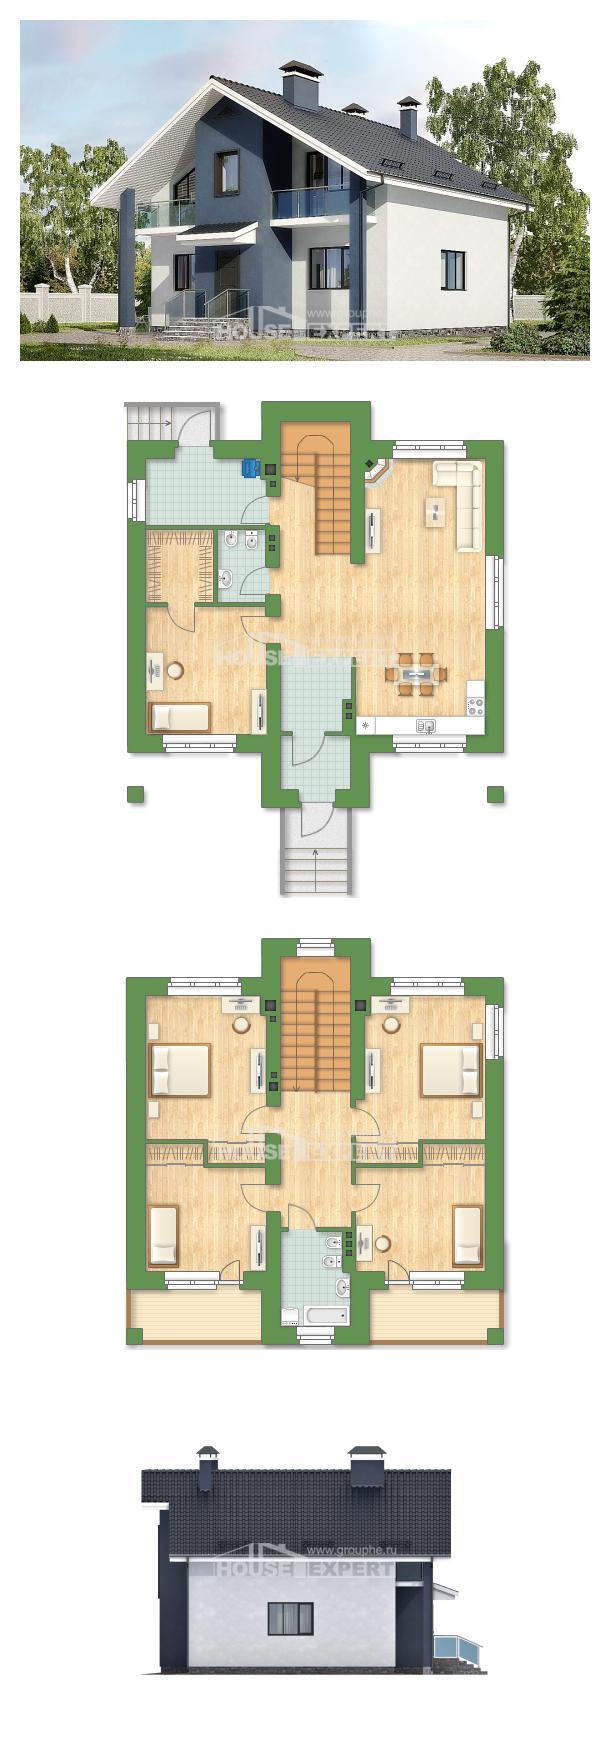 Проект дома 150-005-П   House Expert